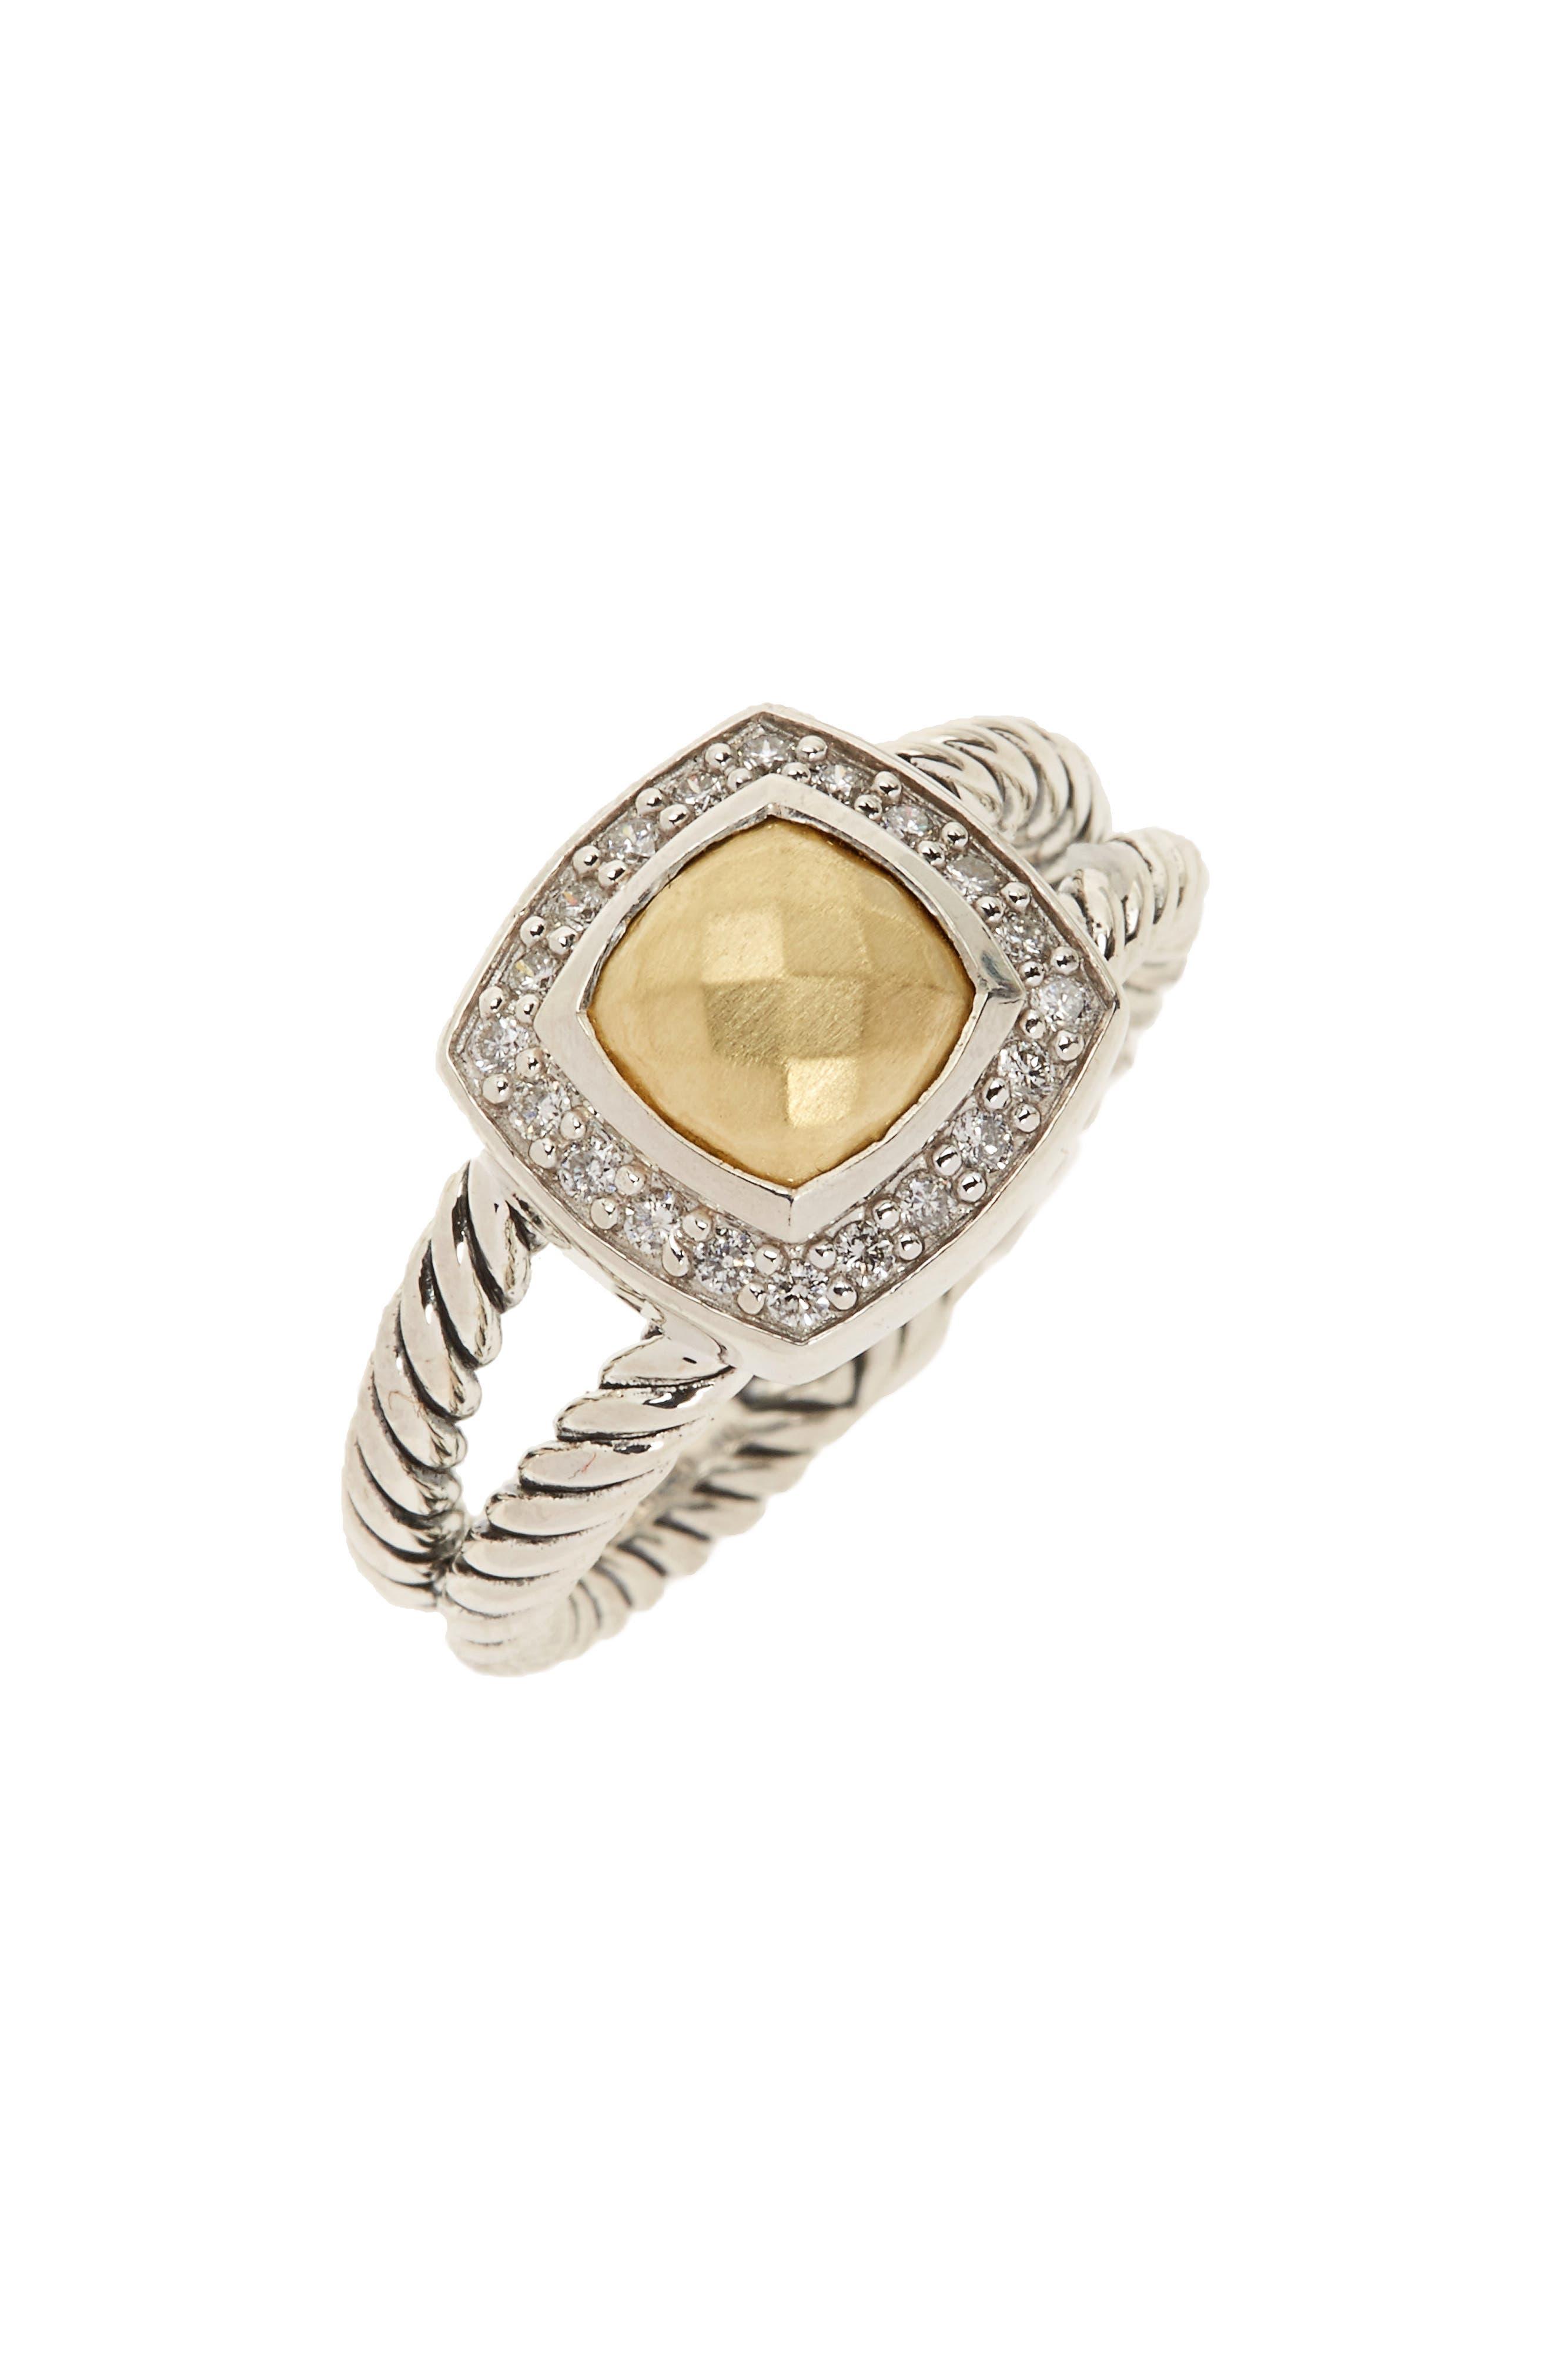 Main Image - David Yurman Petite Albion Ring with Semiprecious Stone & Diamonds